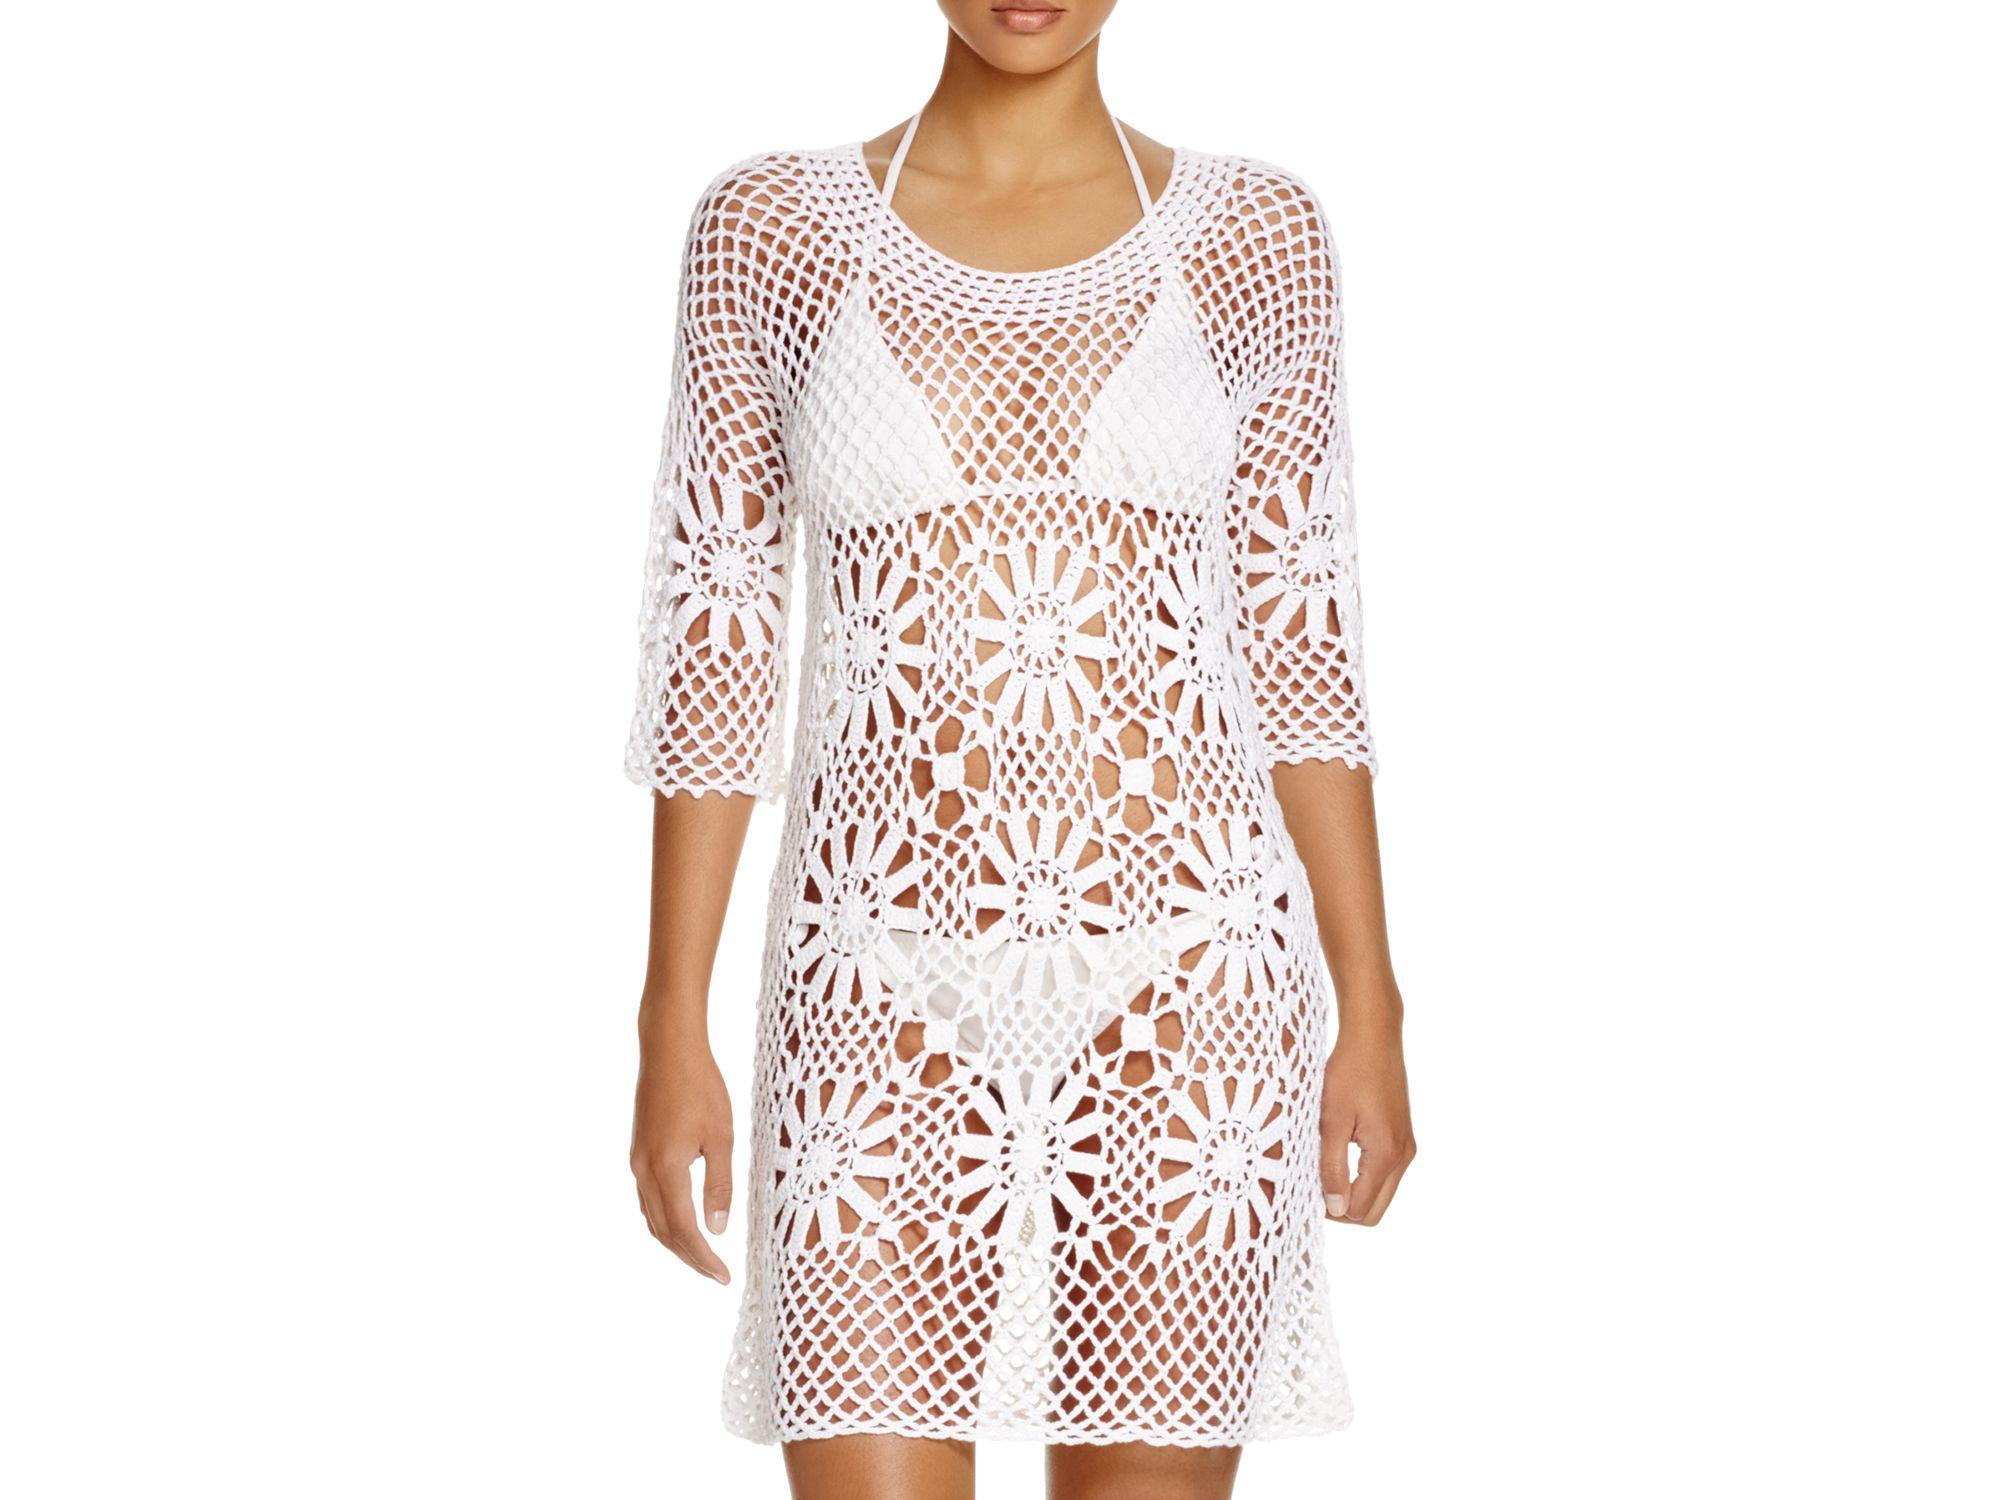 03342e049b J Valdi Crochet Flower Tunic Swim Cover Up in White - Lyst